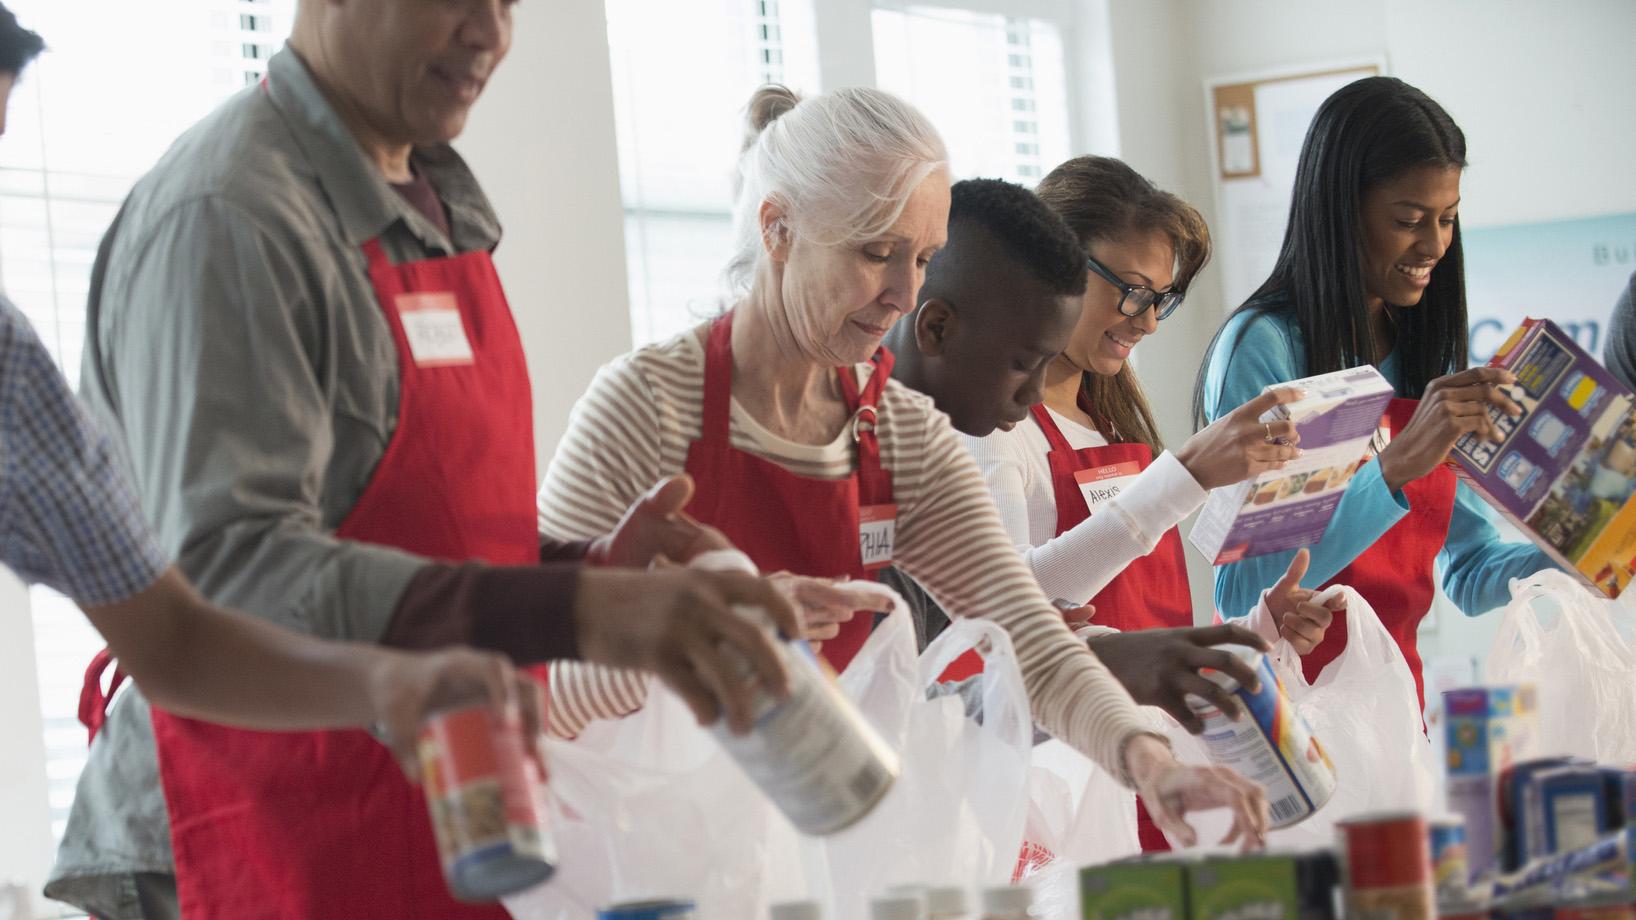 People Volunteering at a food bank